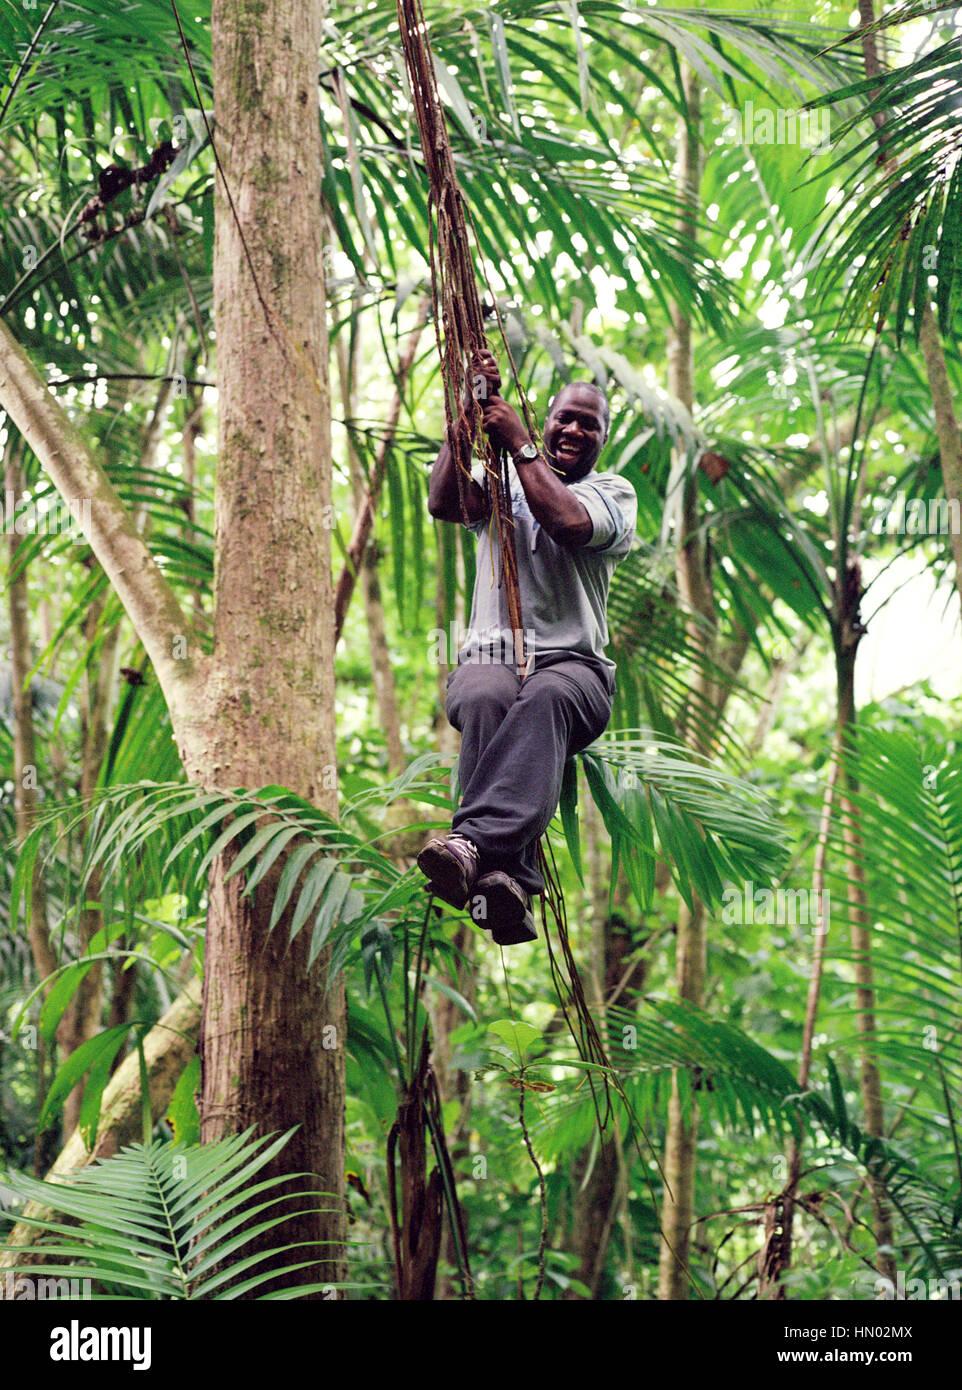 Ministère des Terres et Forêts Rhikkie guide Alexander balançant d'vignes le long du sentier Photo Stock